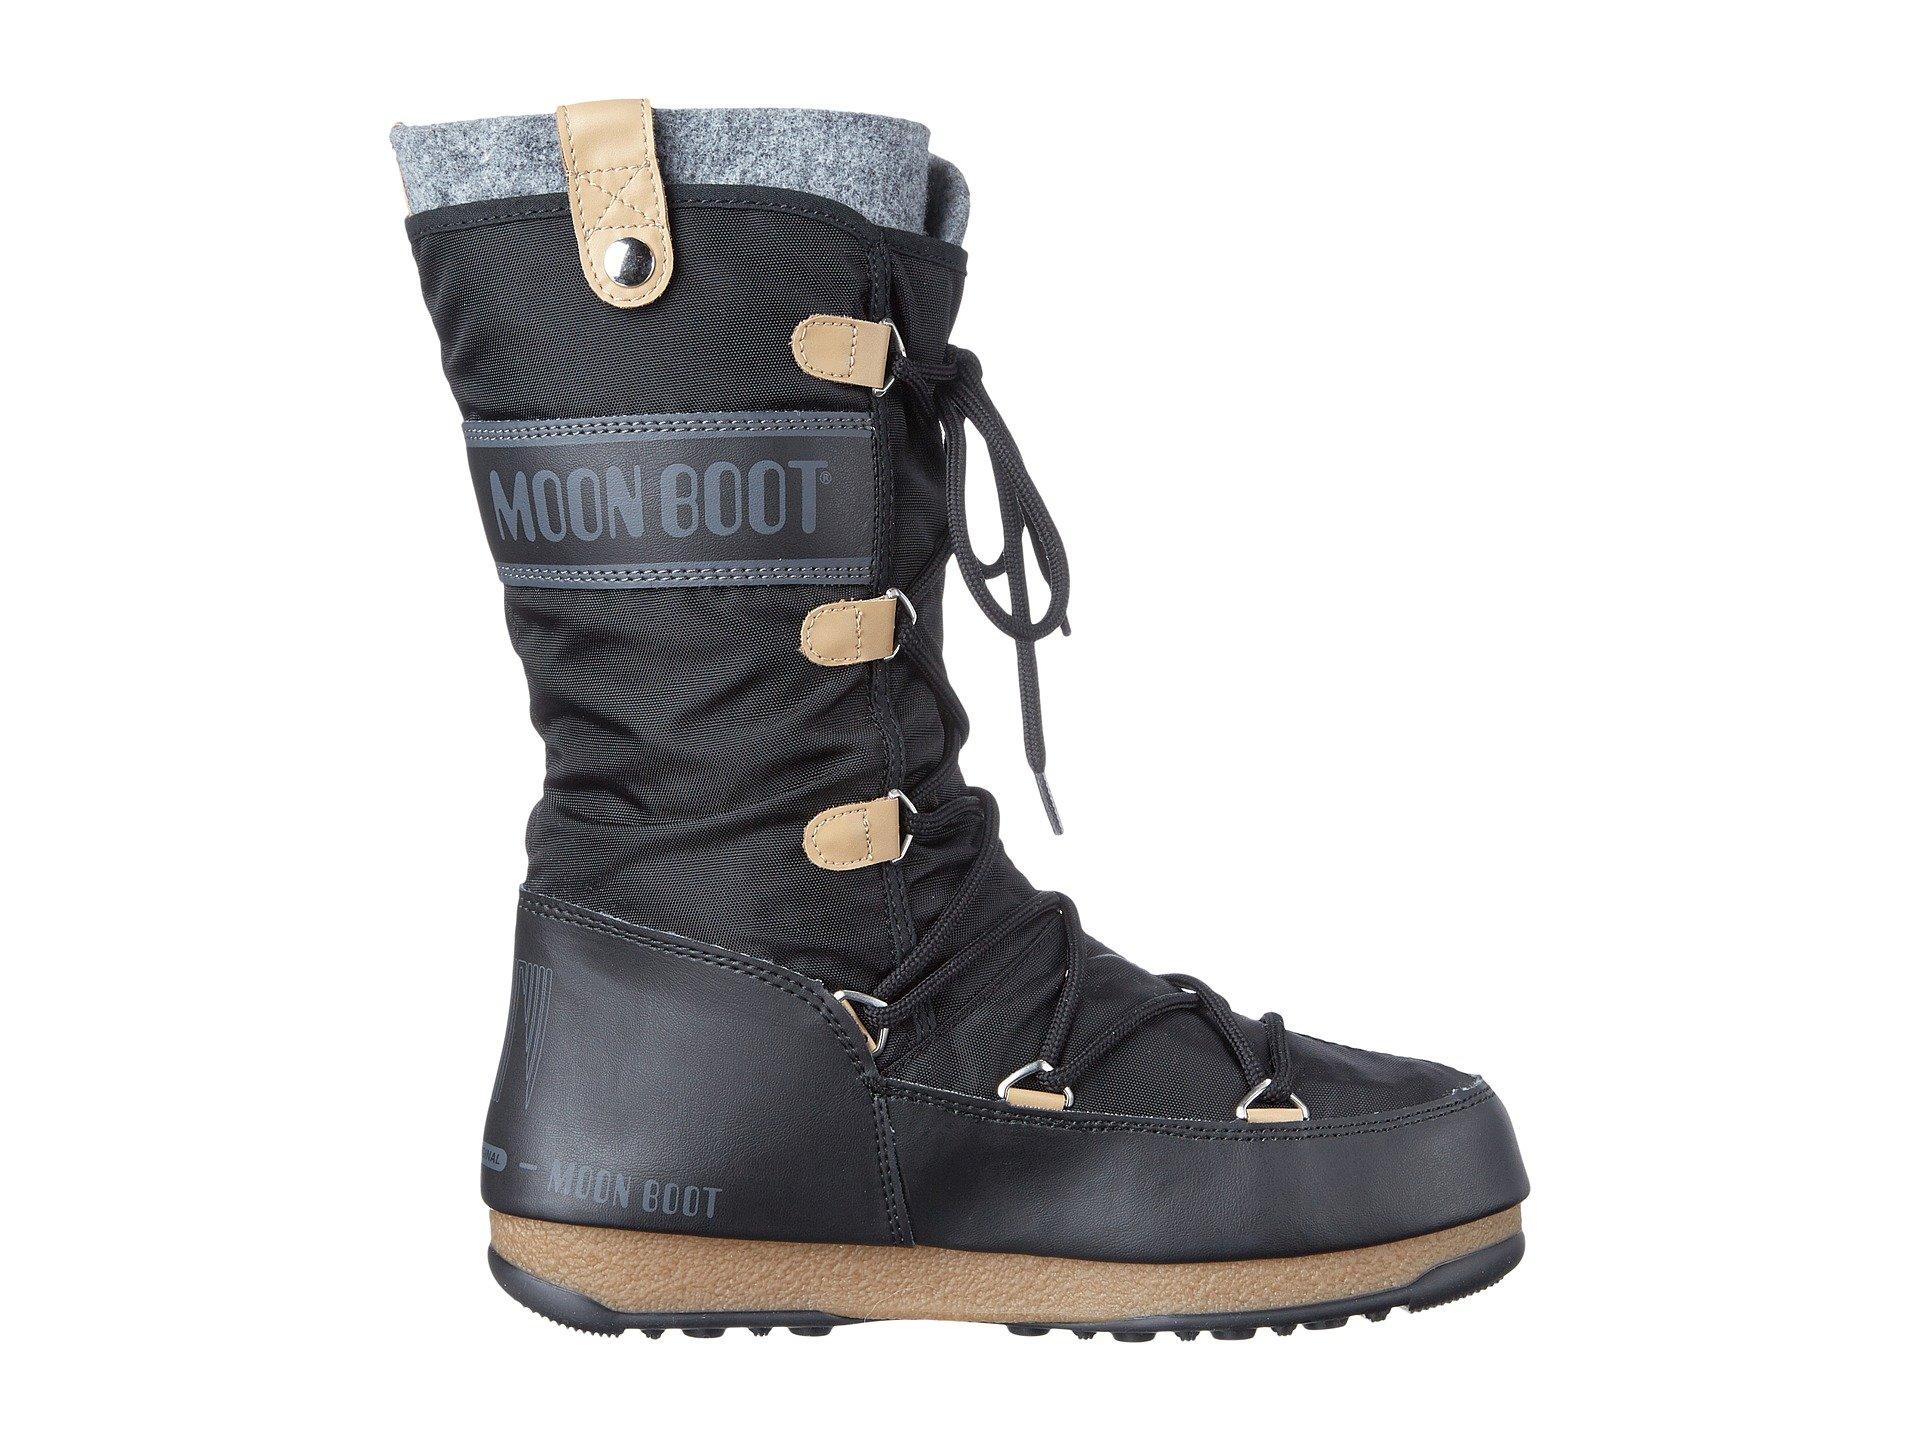 Tecnica Moon Boot® Monaco Felt at Zappos.com